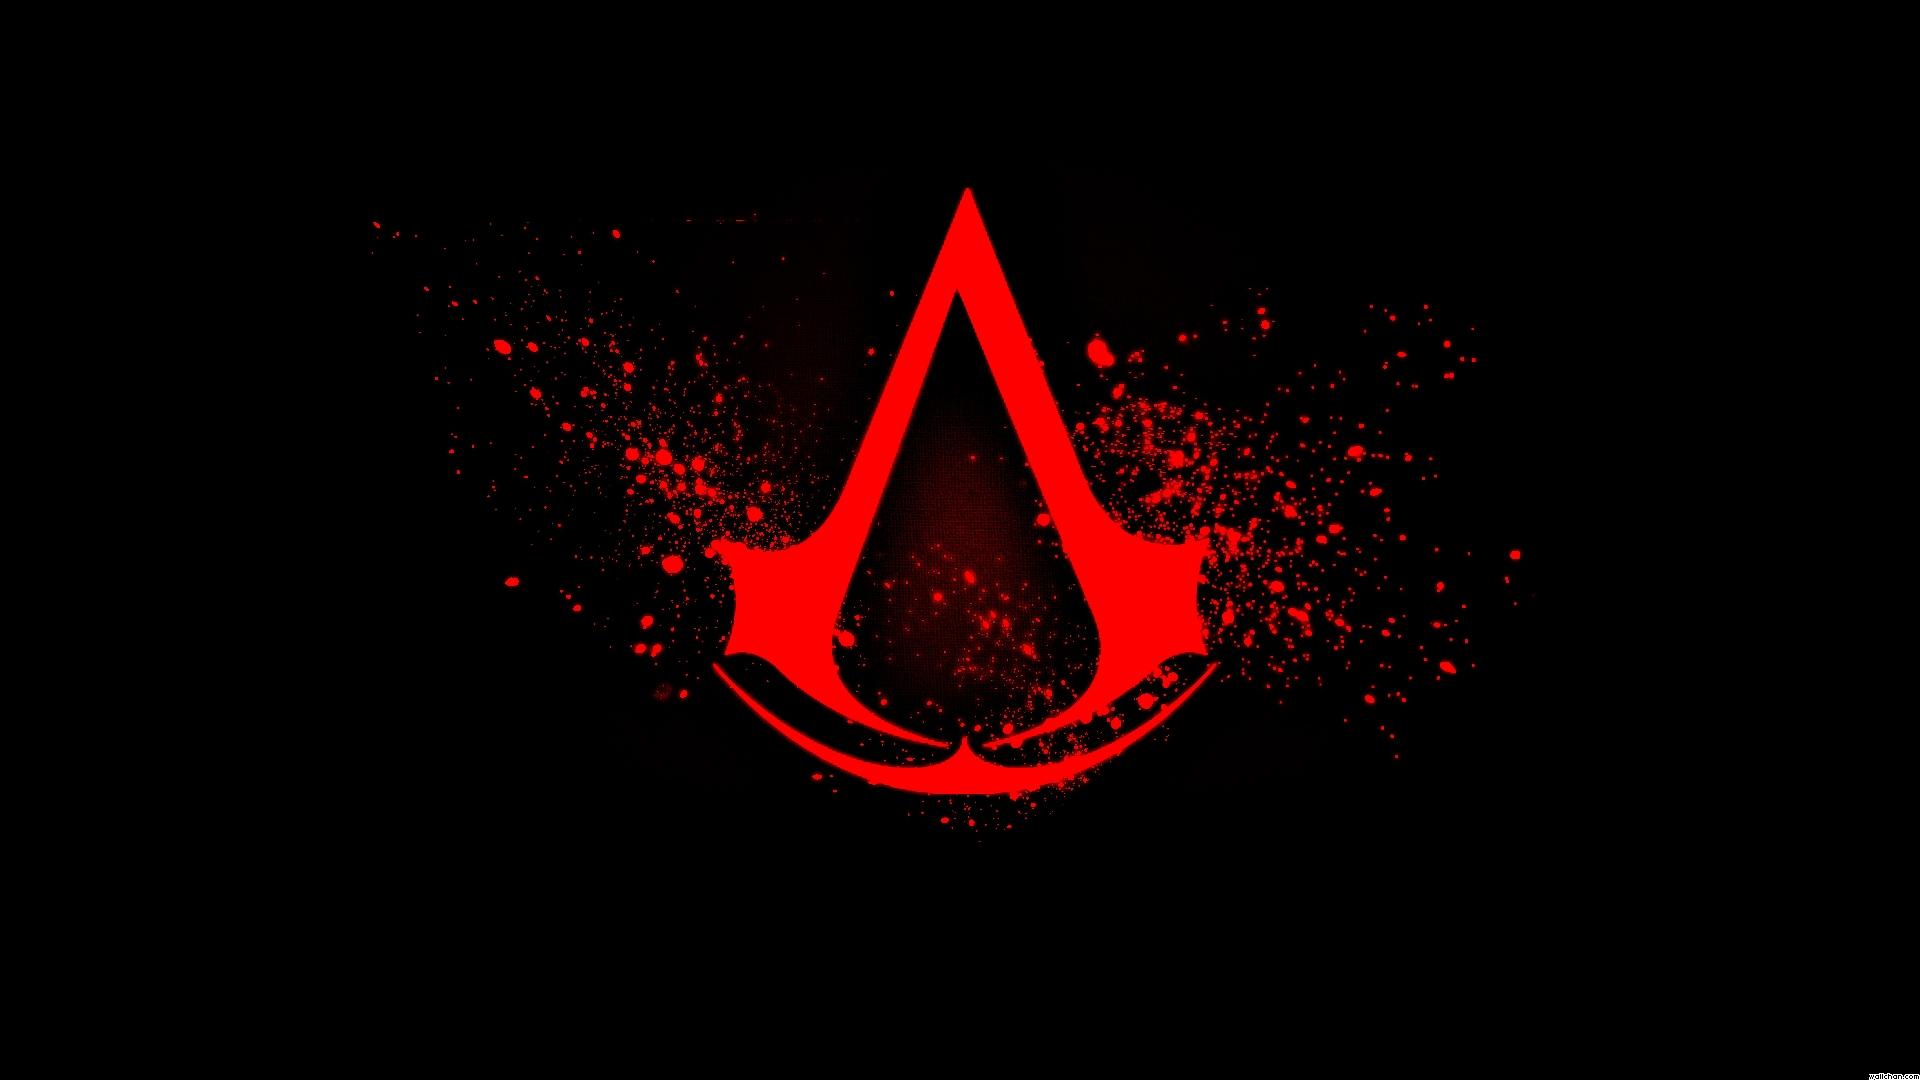 My Assassins Creed Den